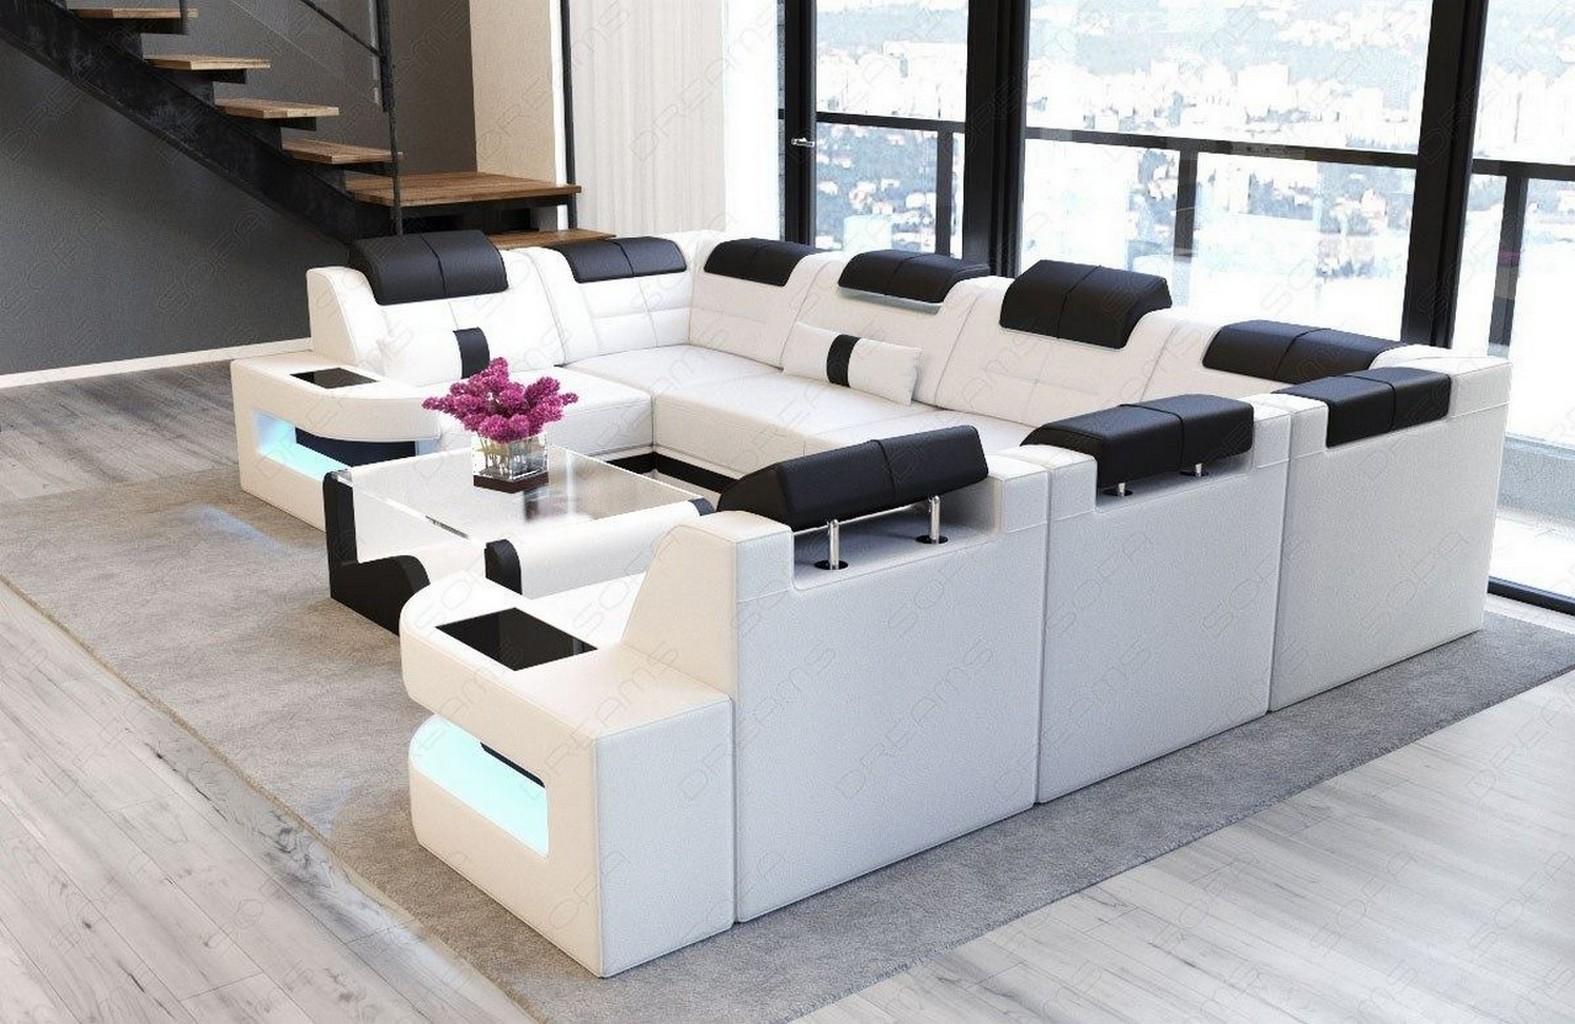 Leder couch ecksofa wohnlandschaft como u led ottomane for Wohnlandschaft schwarz kunstleder